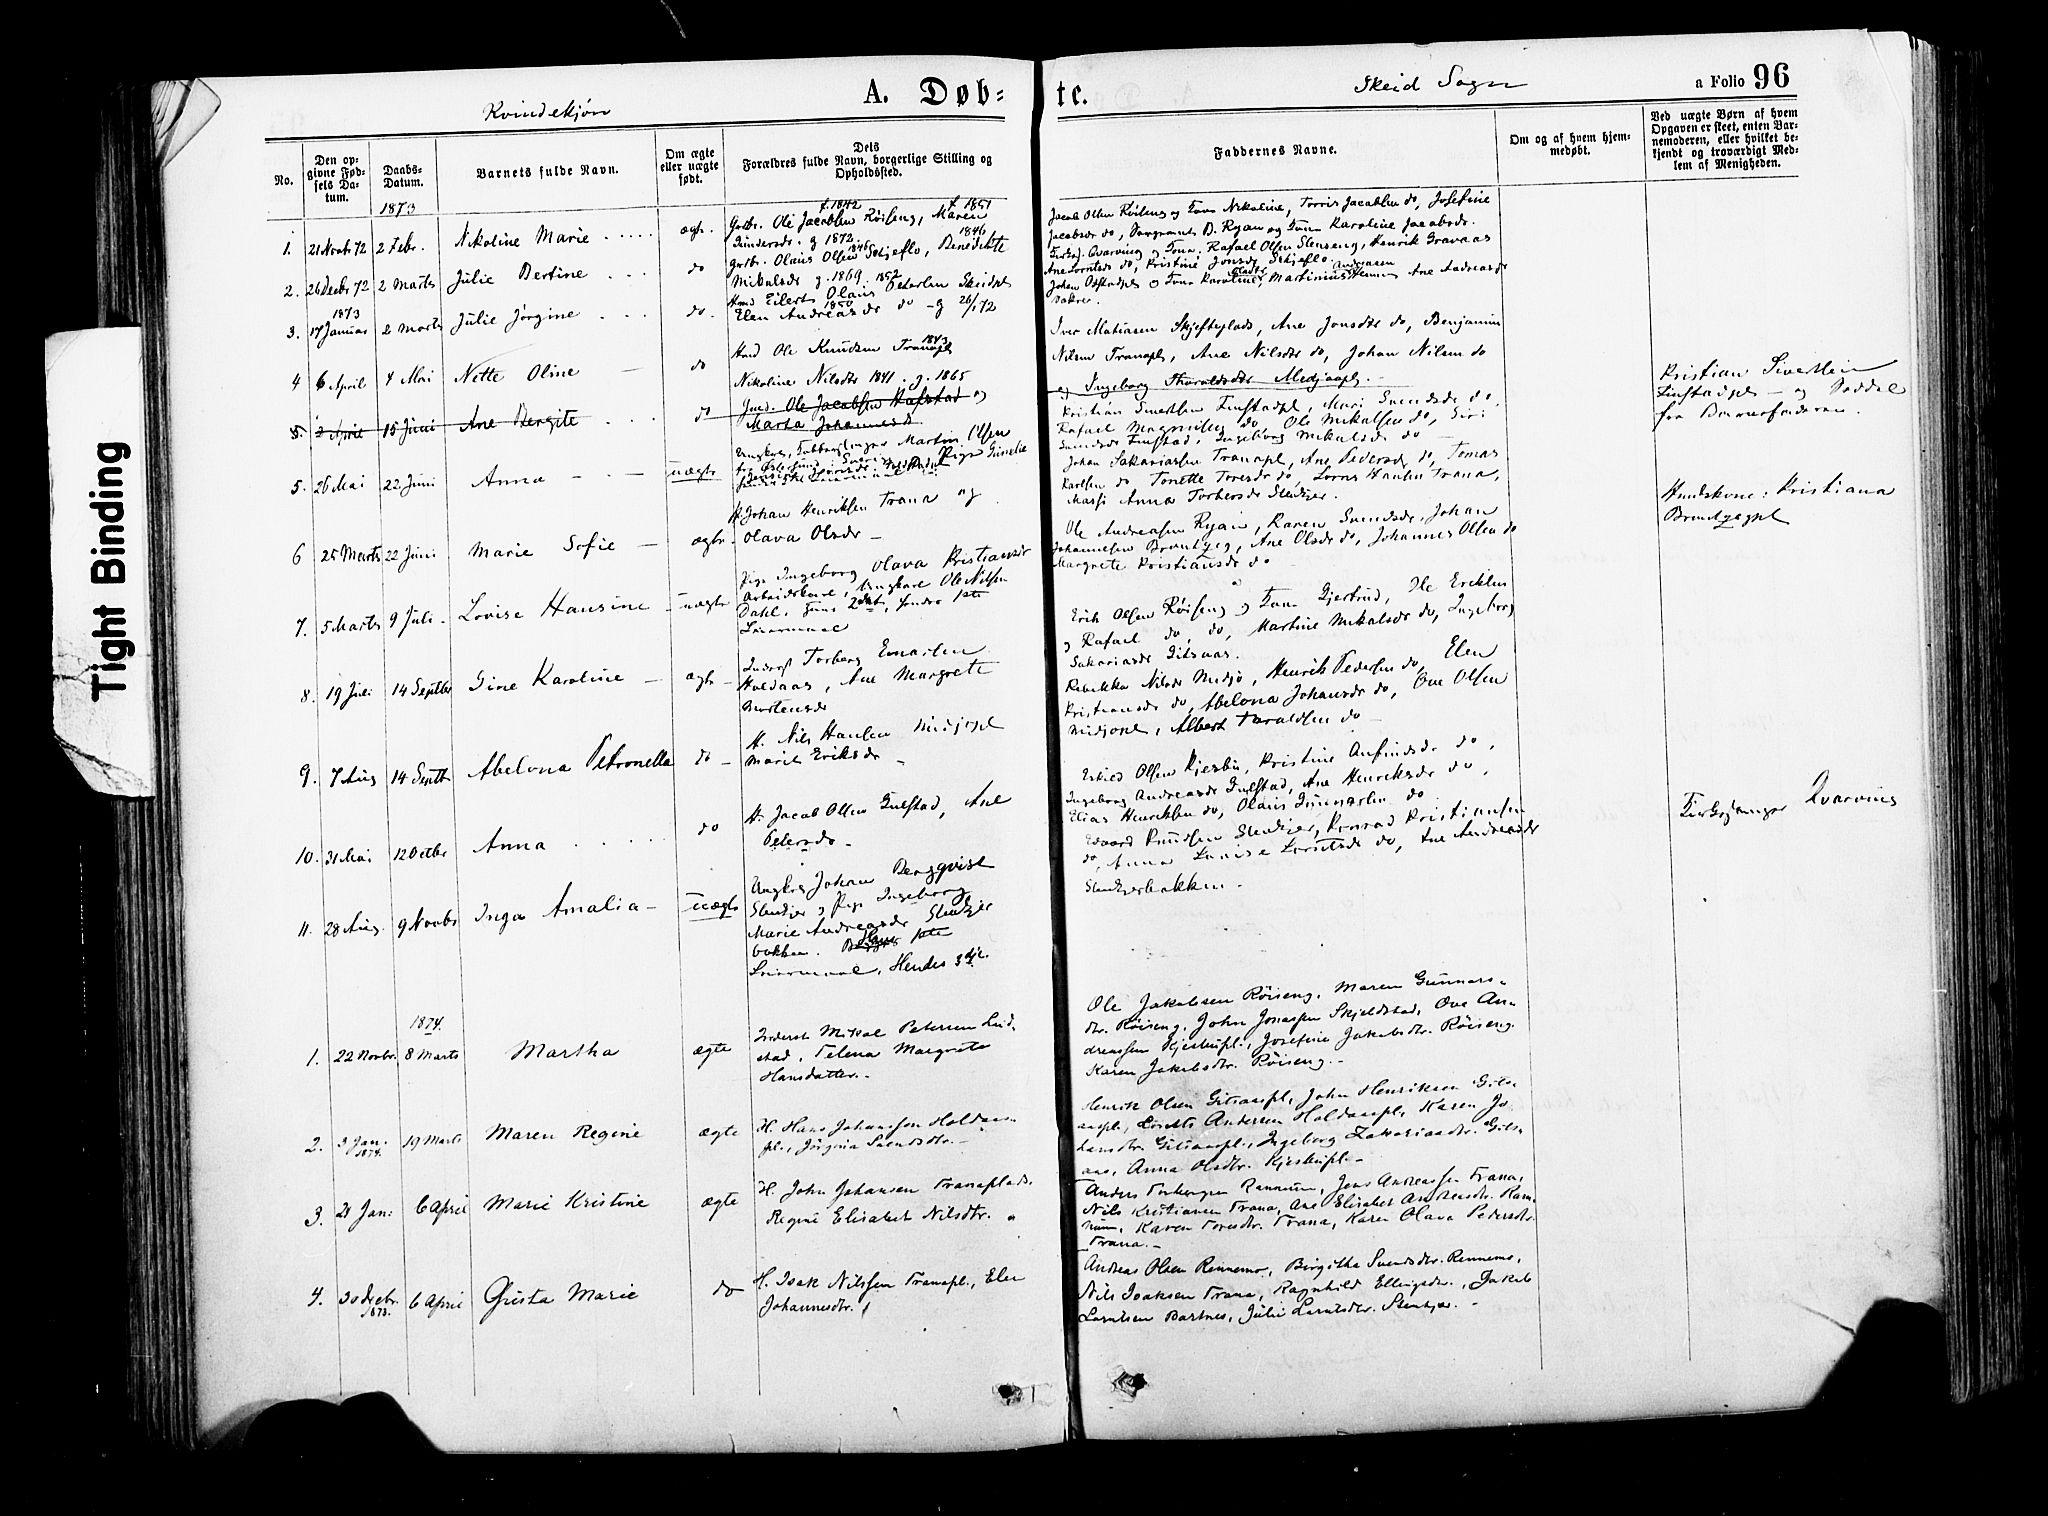 SAT, Ministerialprotokoller, klokkerbøker og fødselsregistre - Nord-Trøndelag, 735/L0348: Ministerialbok nr. 735A09 /2, 1873-1883, s. 96